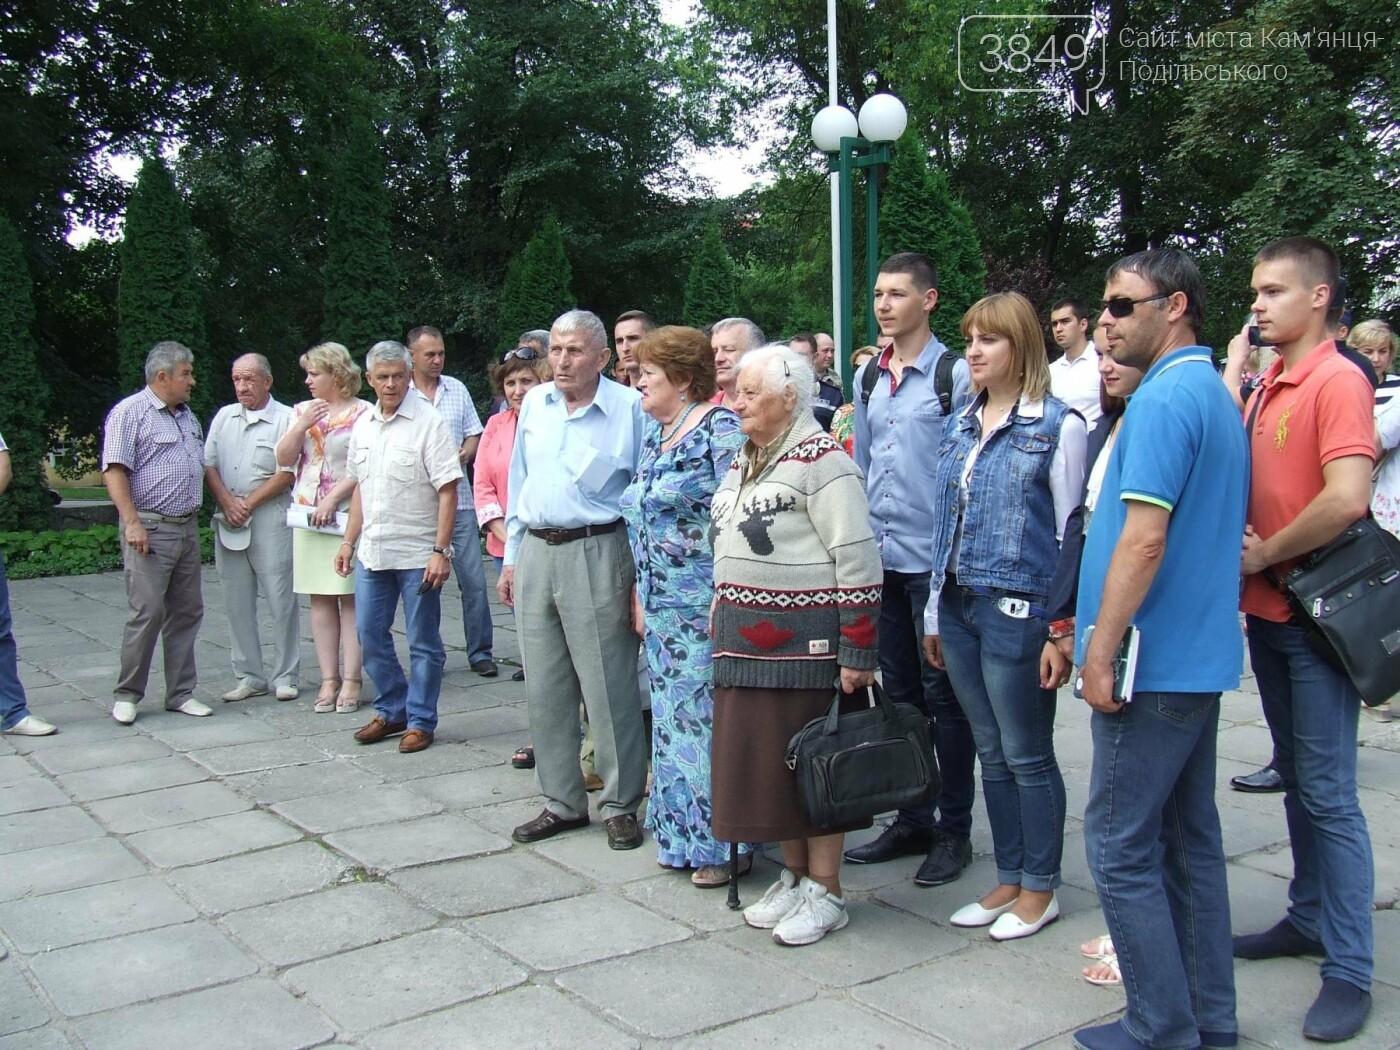 У Сквері танкістів вшанували пам'ять полеглих під час Другої світової війни, фото-16